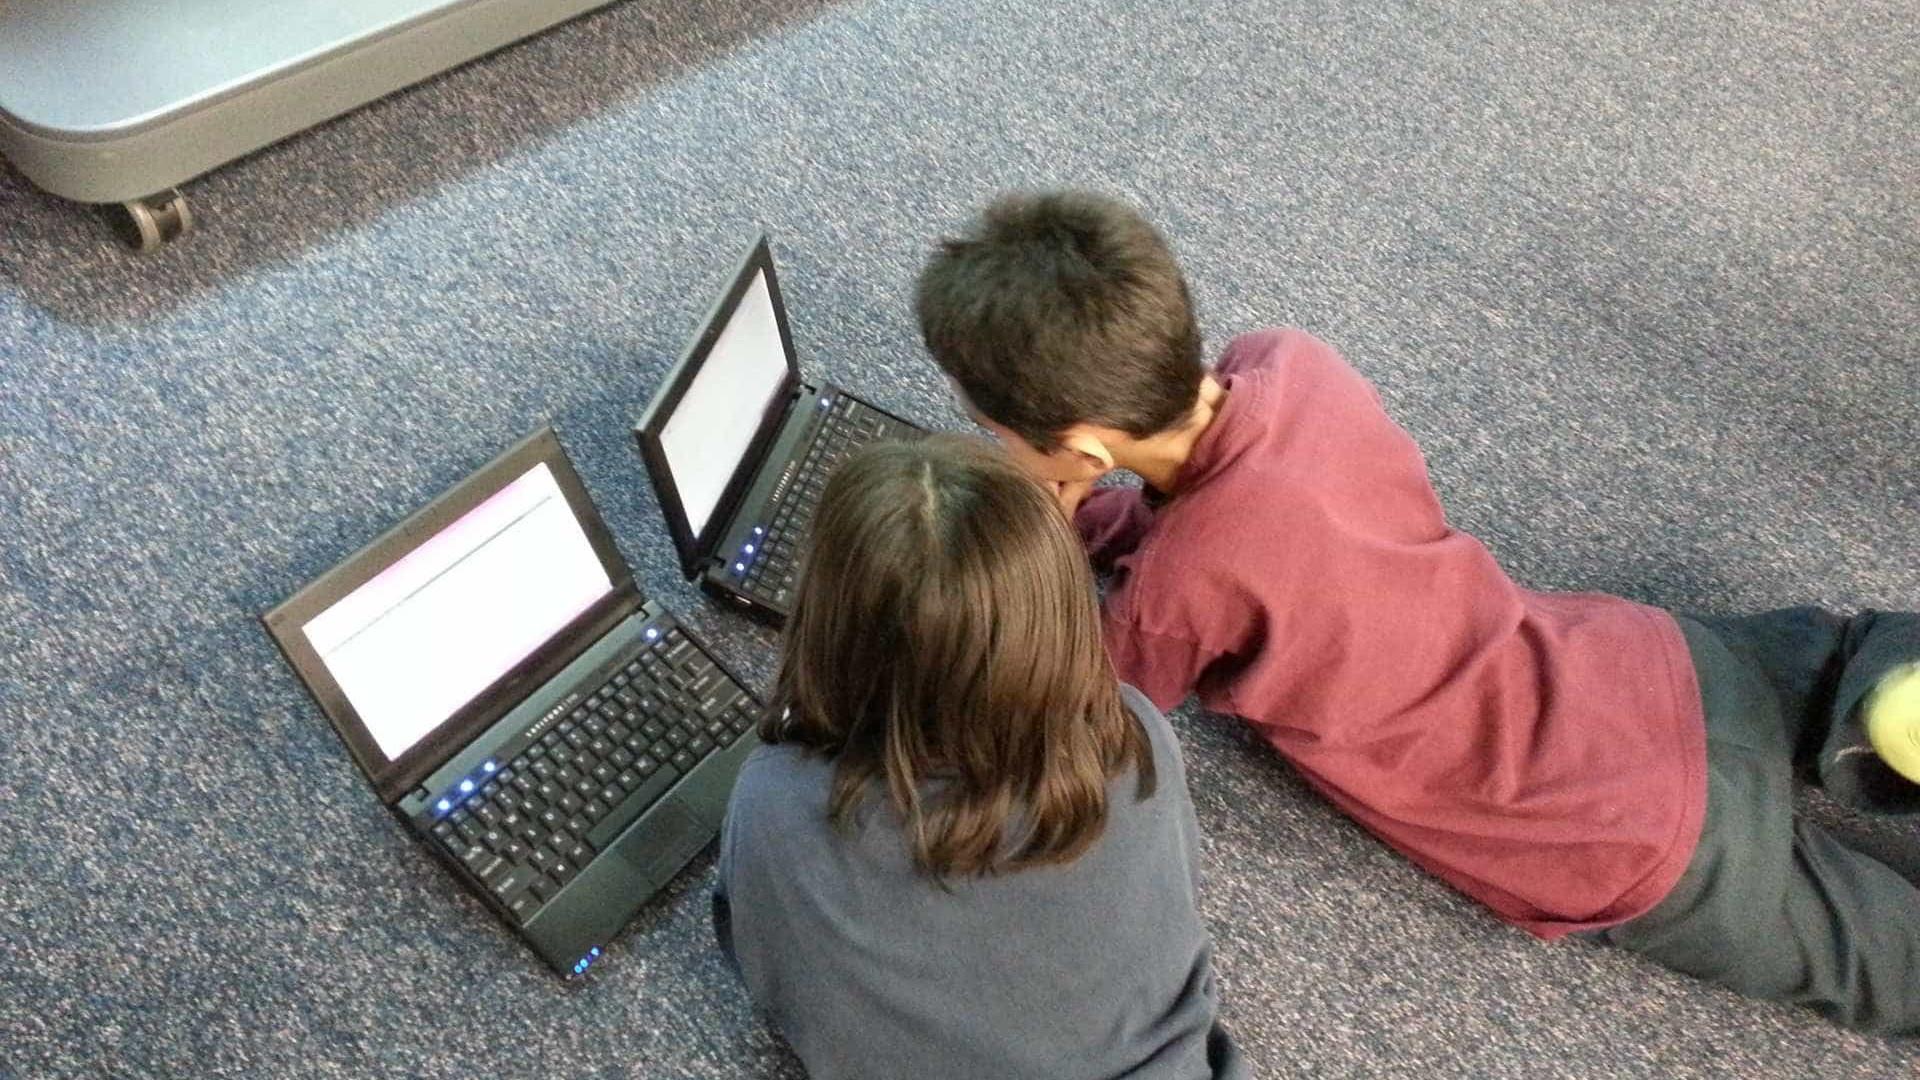 Criança x Internet: descubra o que seu filho procura quando está online